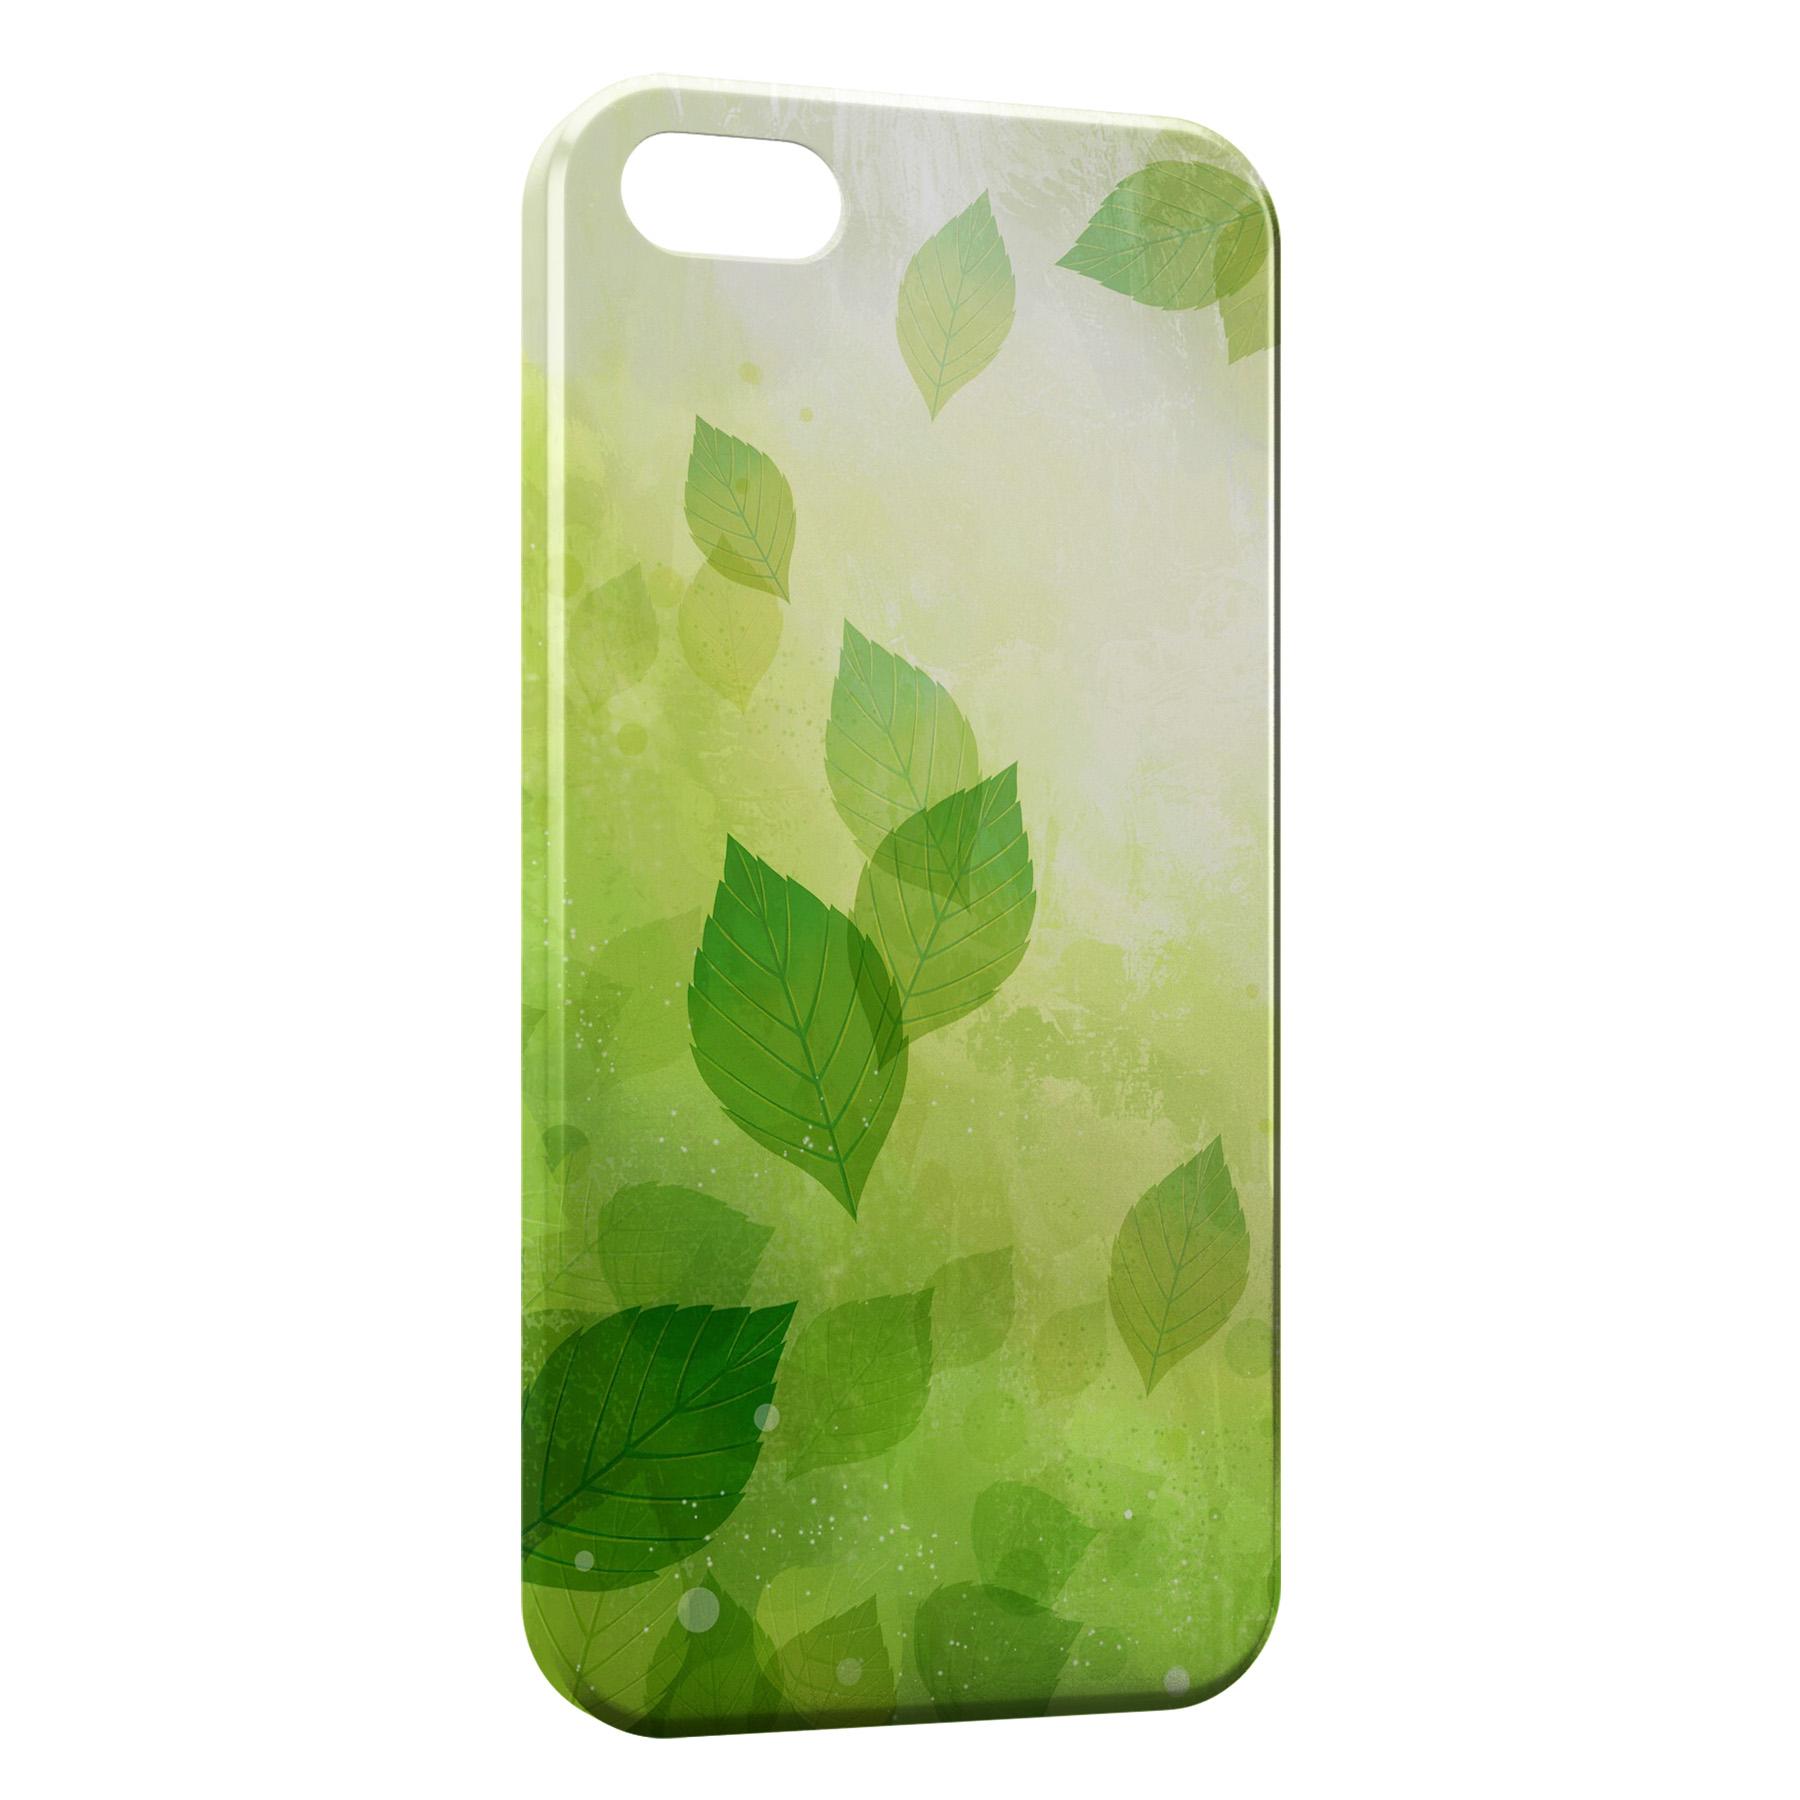 coque iphone 6 plus nature